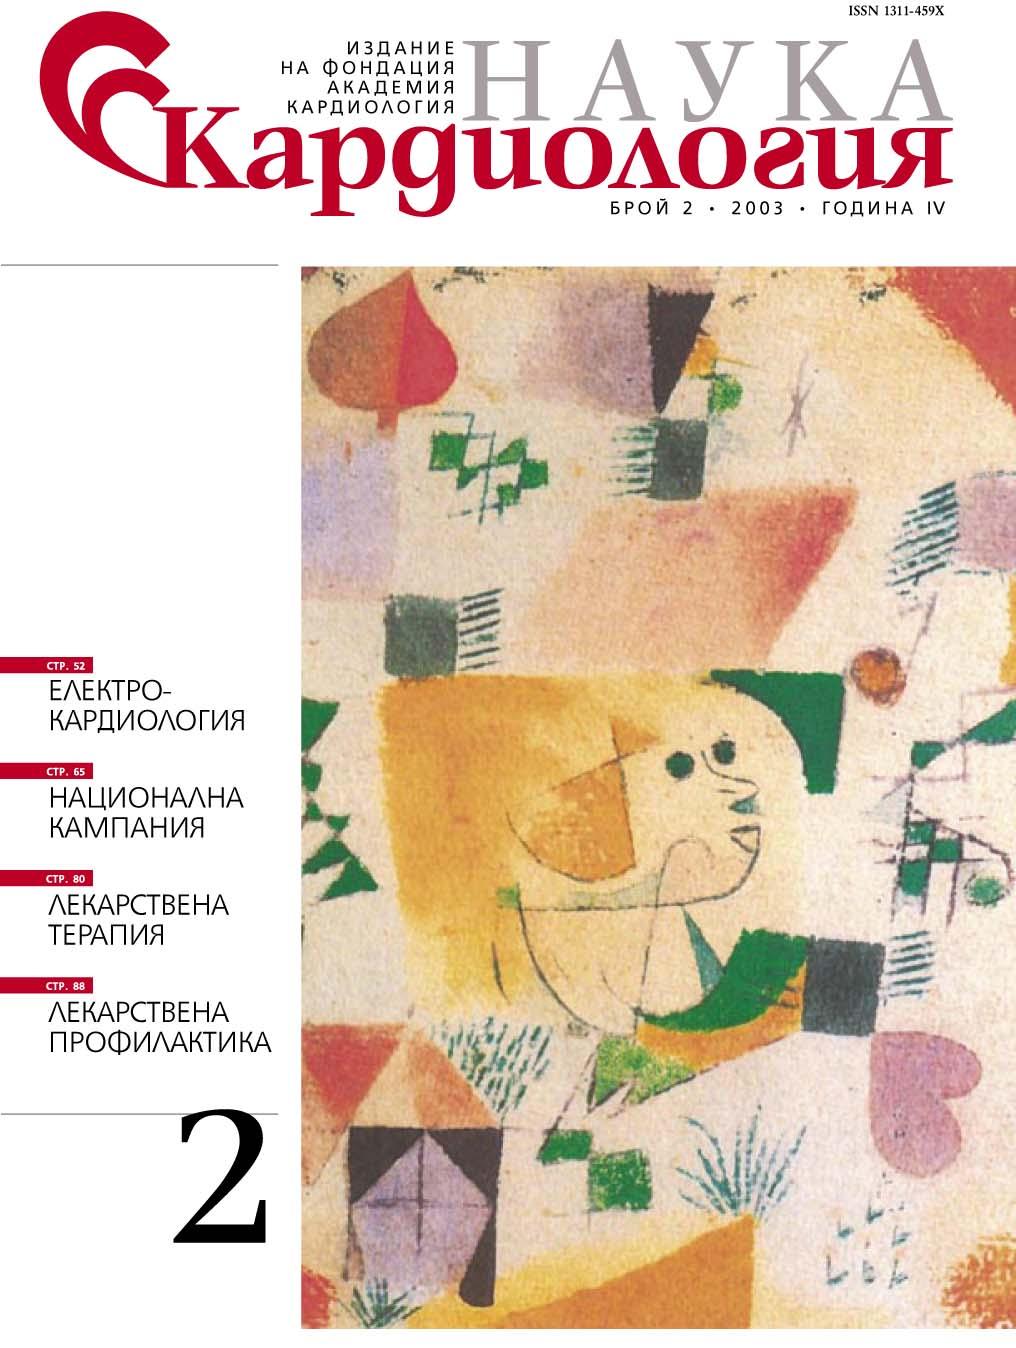 Наука Кардиология 2/2003